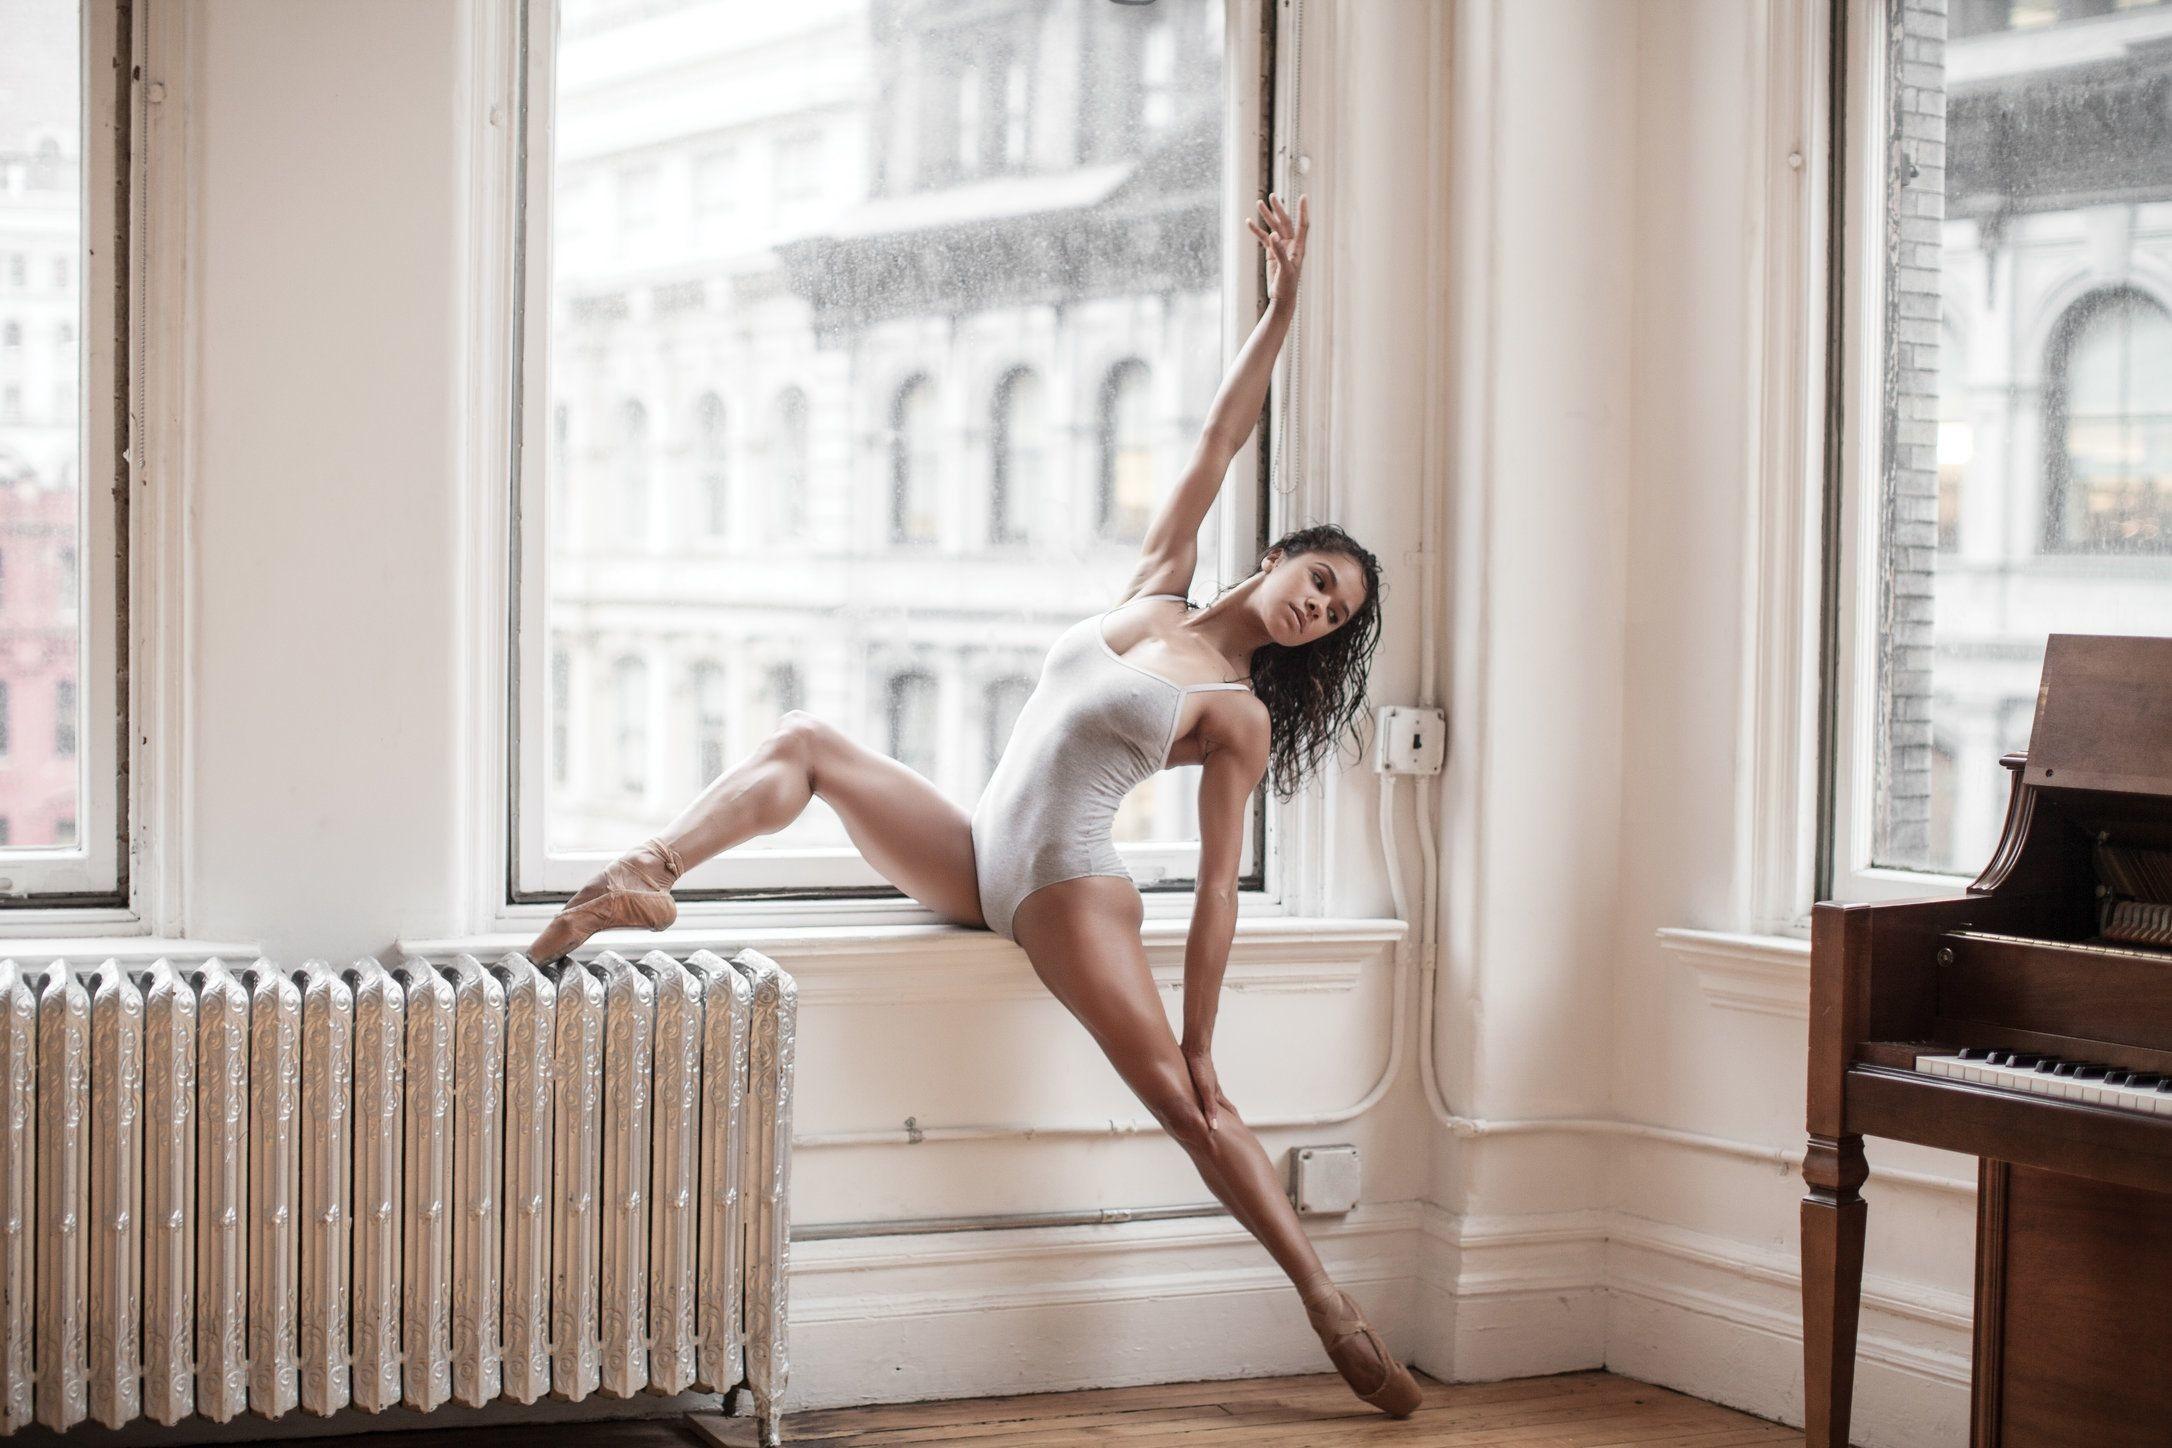 фото секси балерина снежком, морозцем